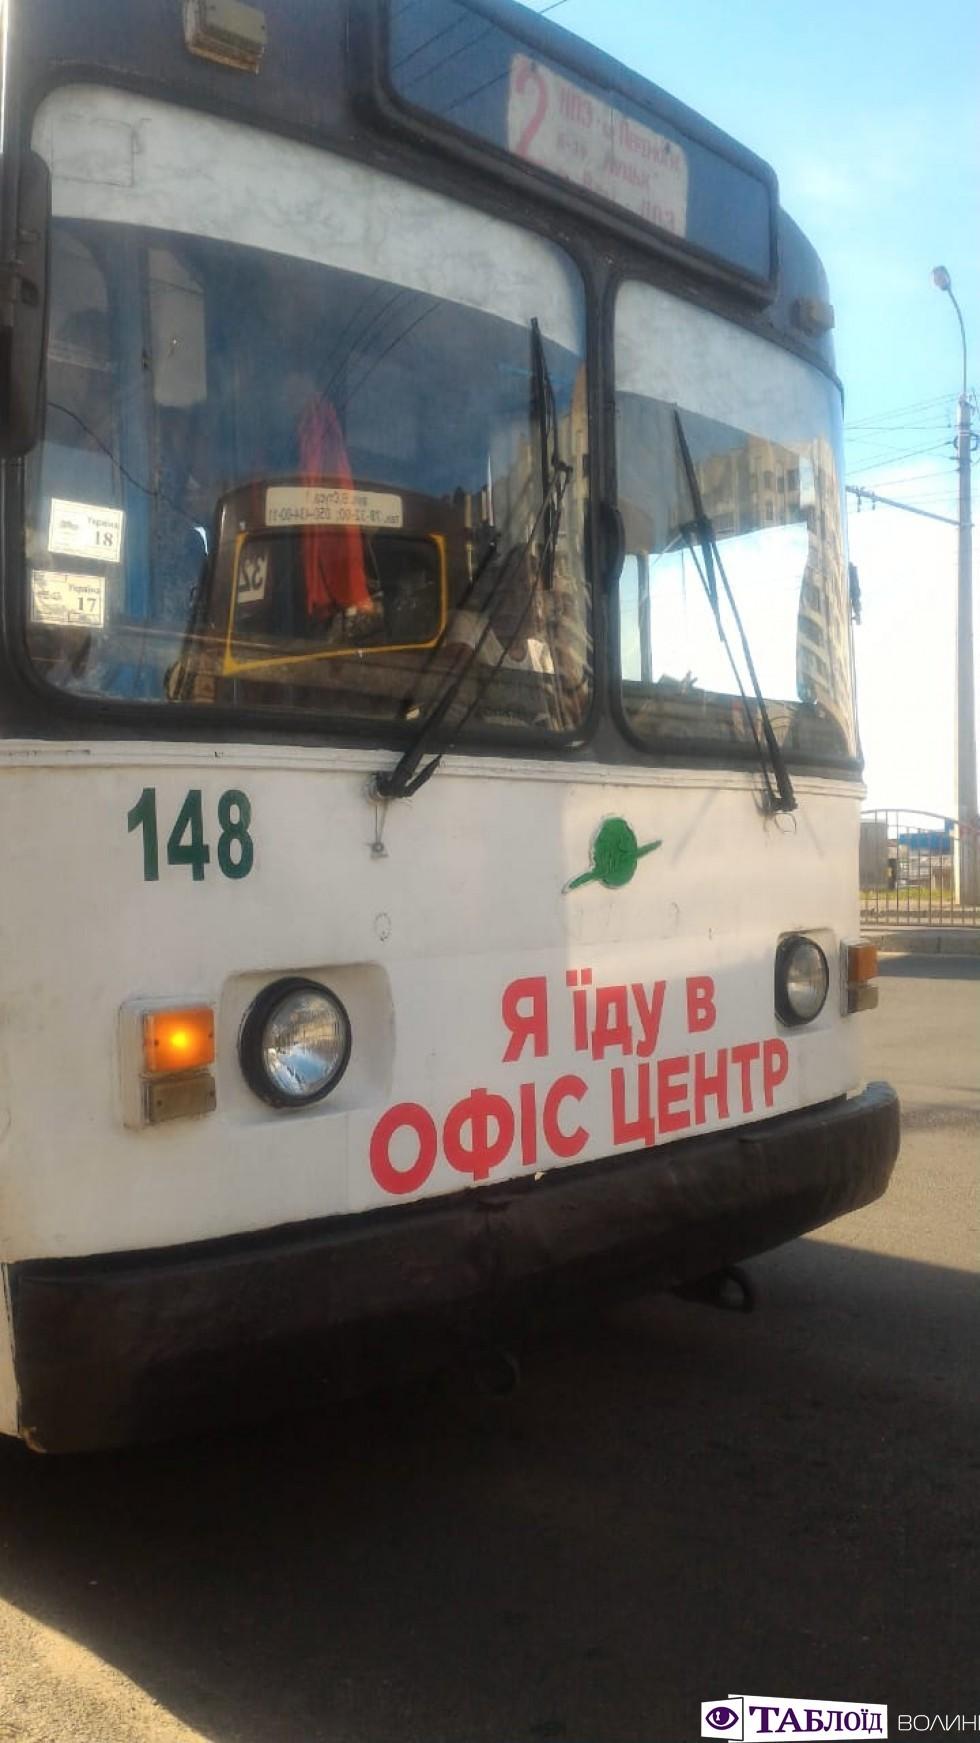 Сьогодні маршрутом тролейбуса №5 можна проїхатися безкоштовно.